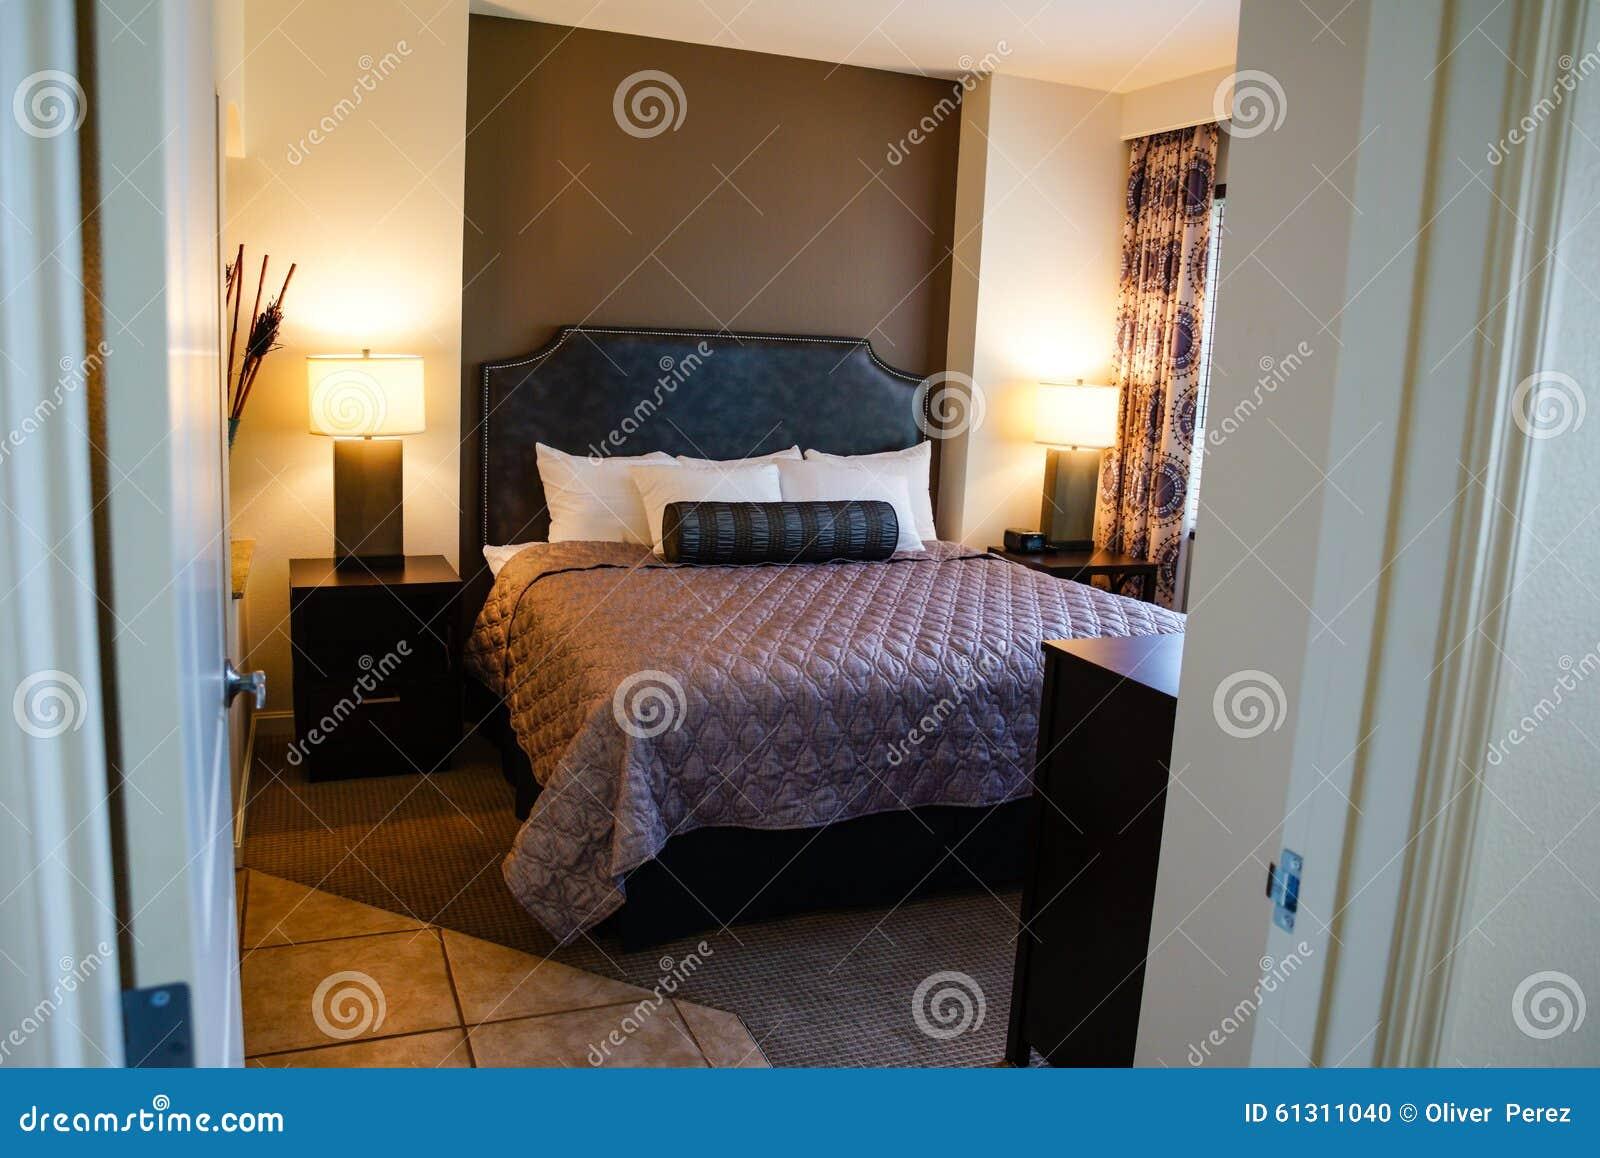 La finestra della camera da letto idee per la casa - La finestra della camera da letto ...